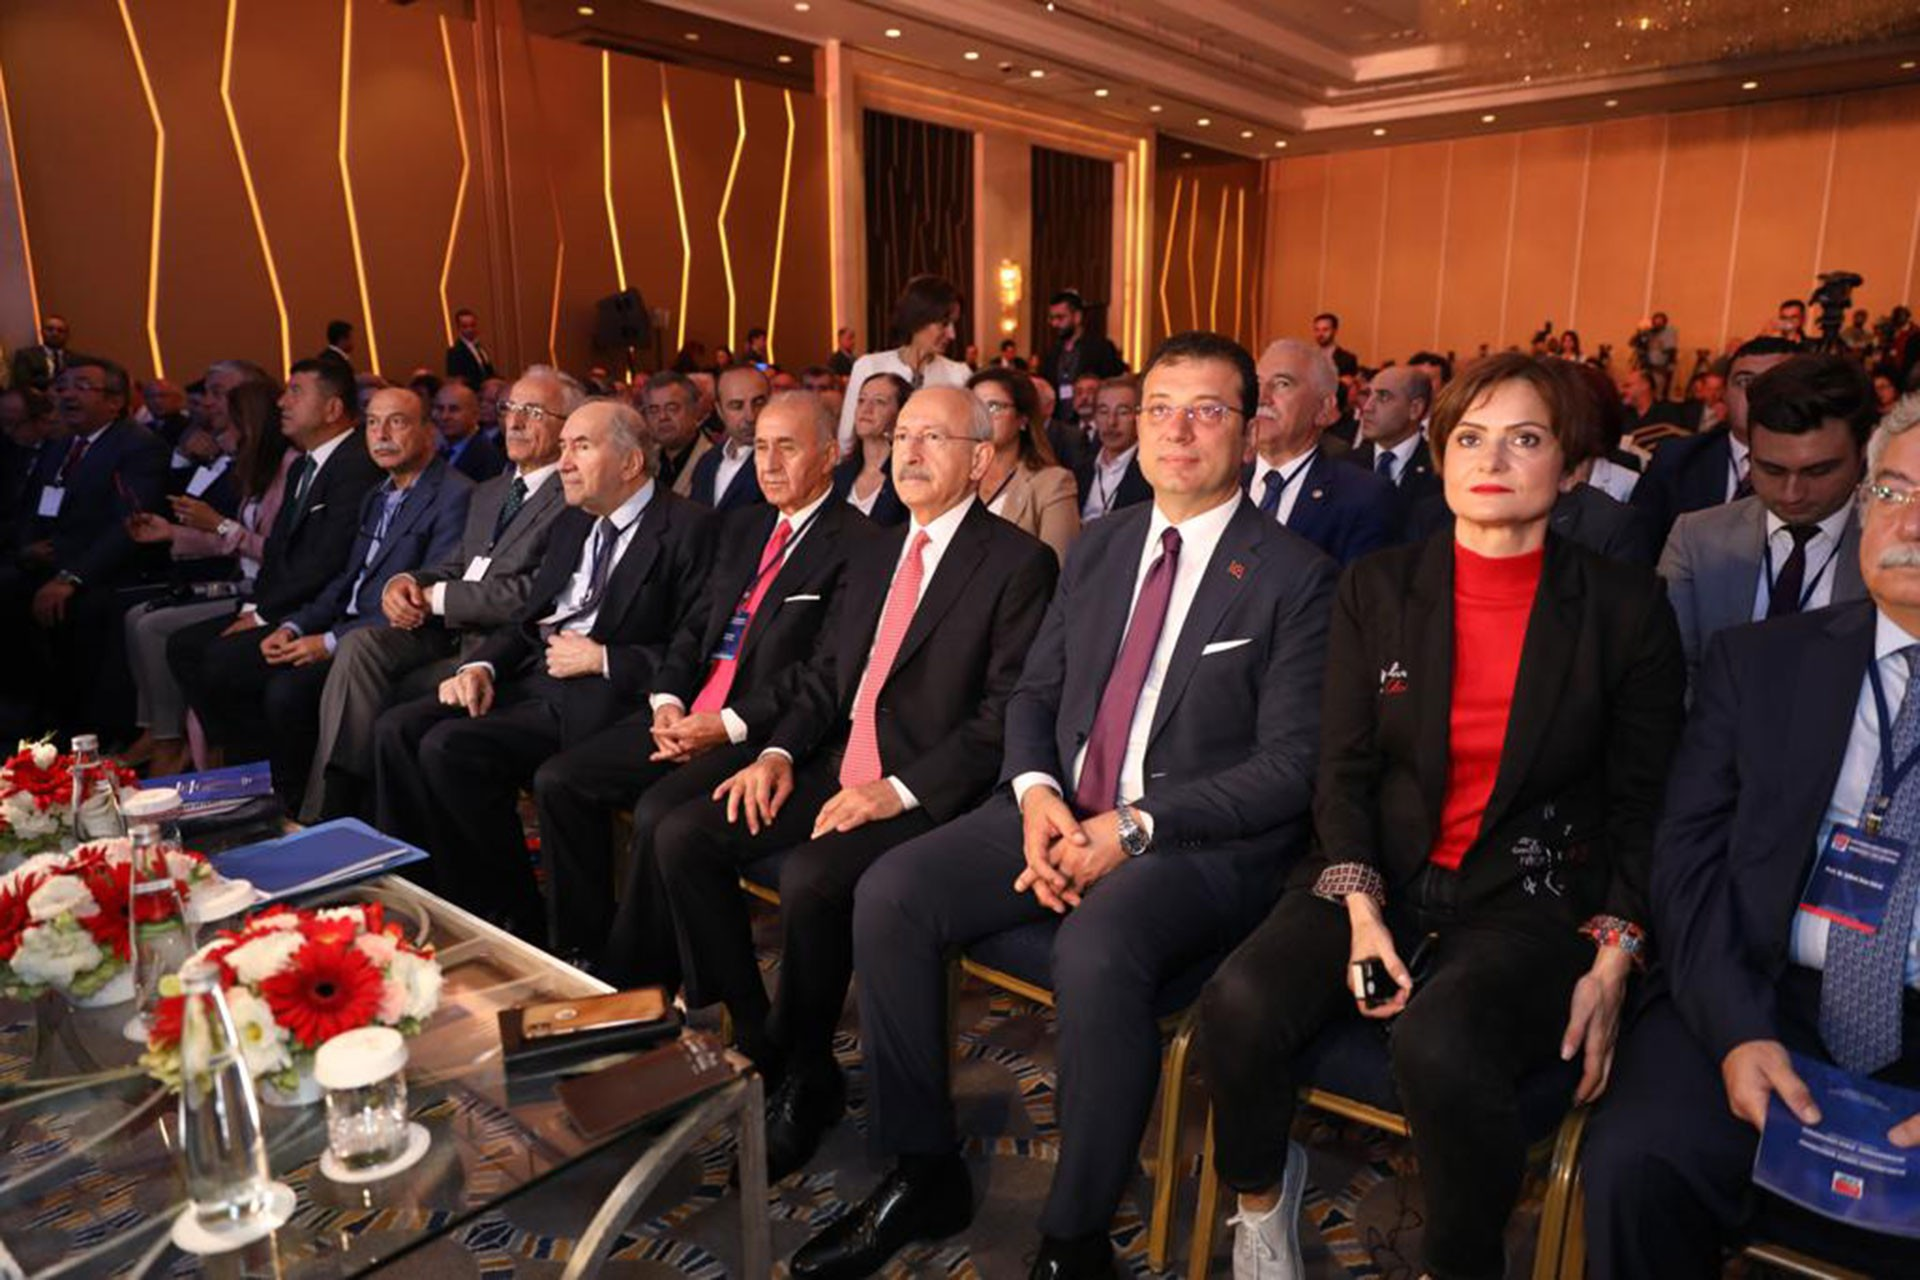 CHP'nin Suriye Konferansı:  ABD-Rusya ile değil, Suriye ile komşuluk geliştirilmeli